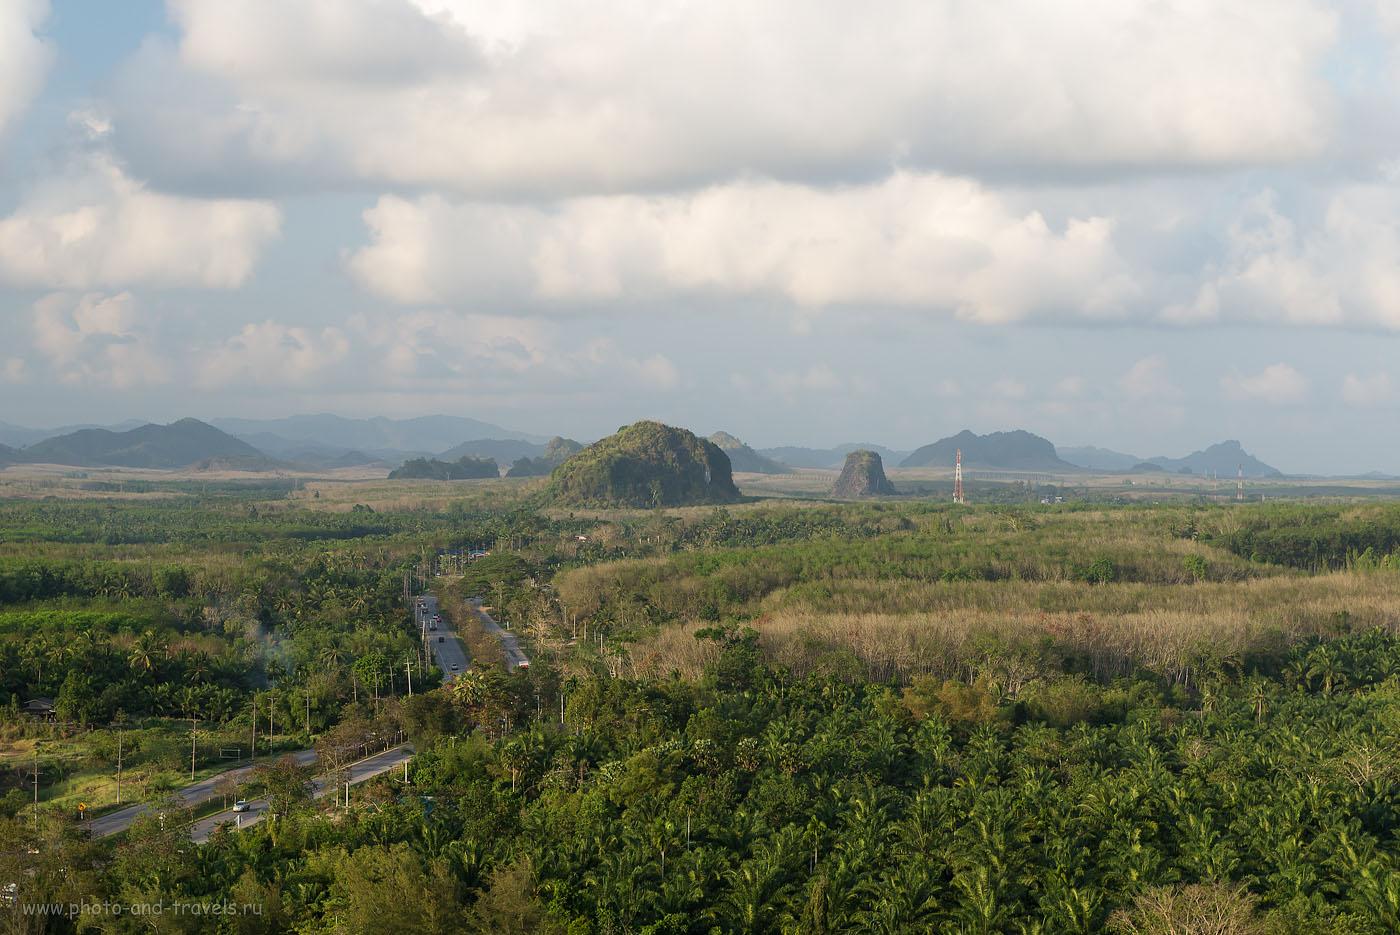 Фото 18. Тайские просторы. Поездка в Чумпхон на автомобиле (250, 70, 10.0, 1/60)